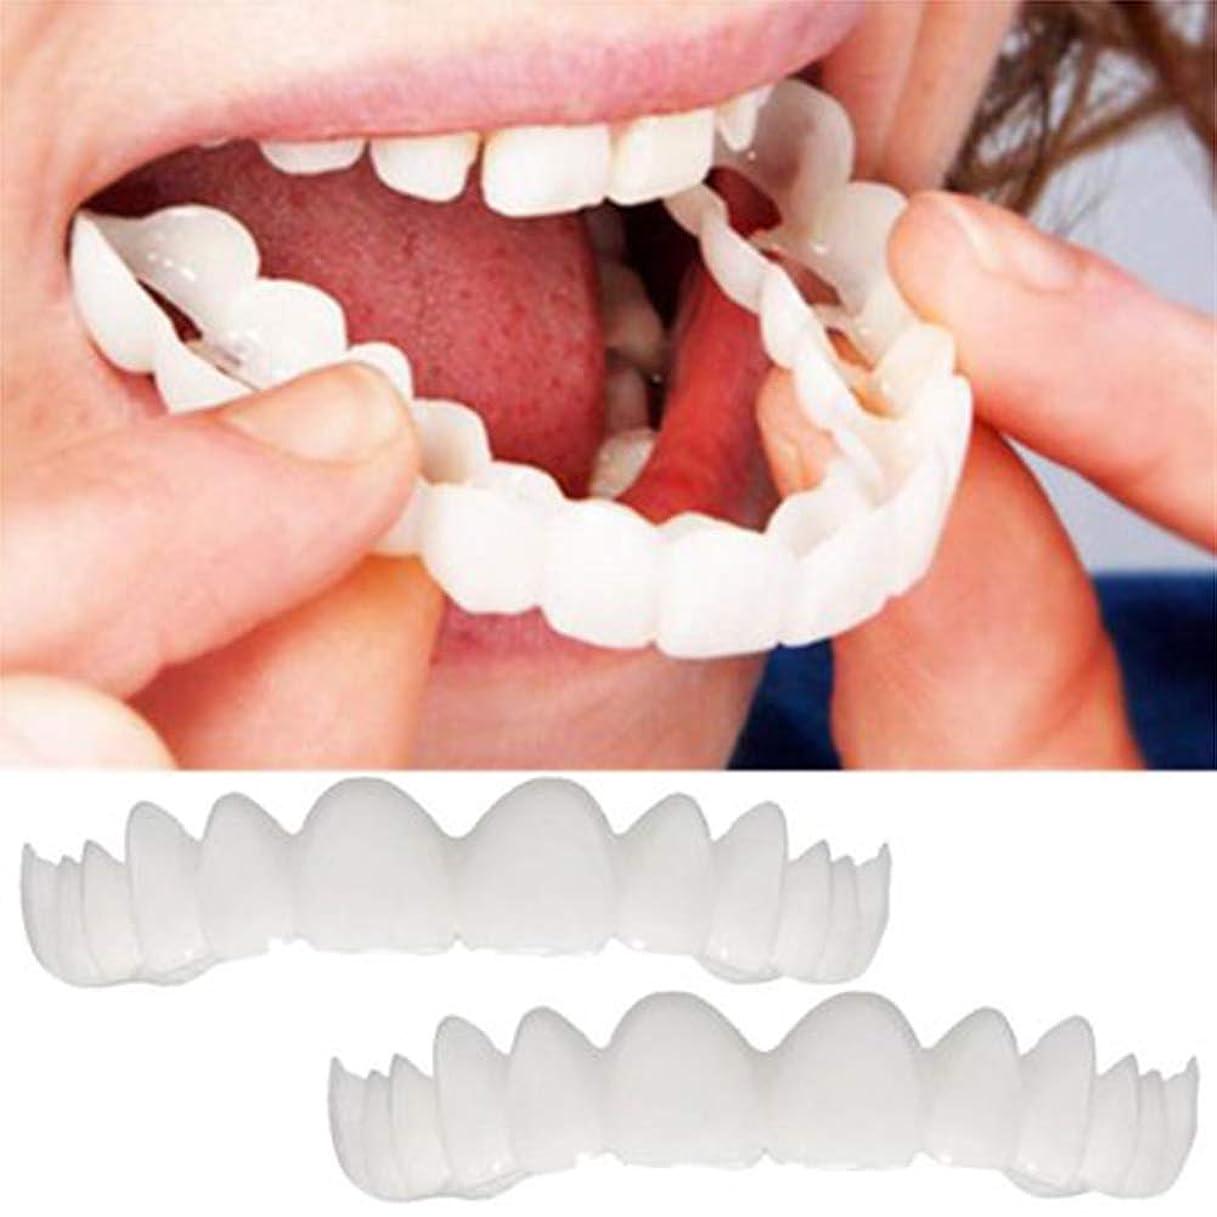 オンス蚊不健全化粧品の歯、白い歯をきれいにするための快適なフィットフレックス歯のソケット、超快適、快適なフィット感、2セット